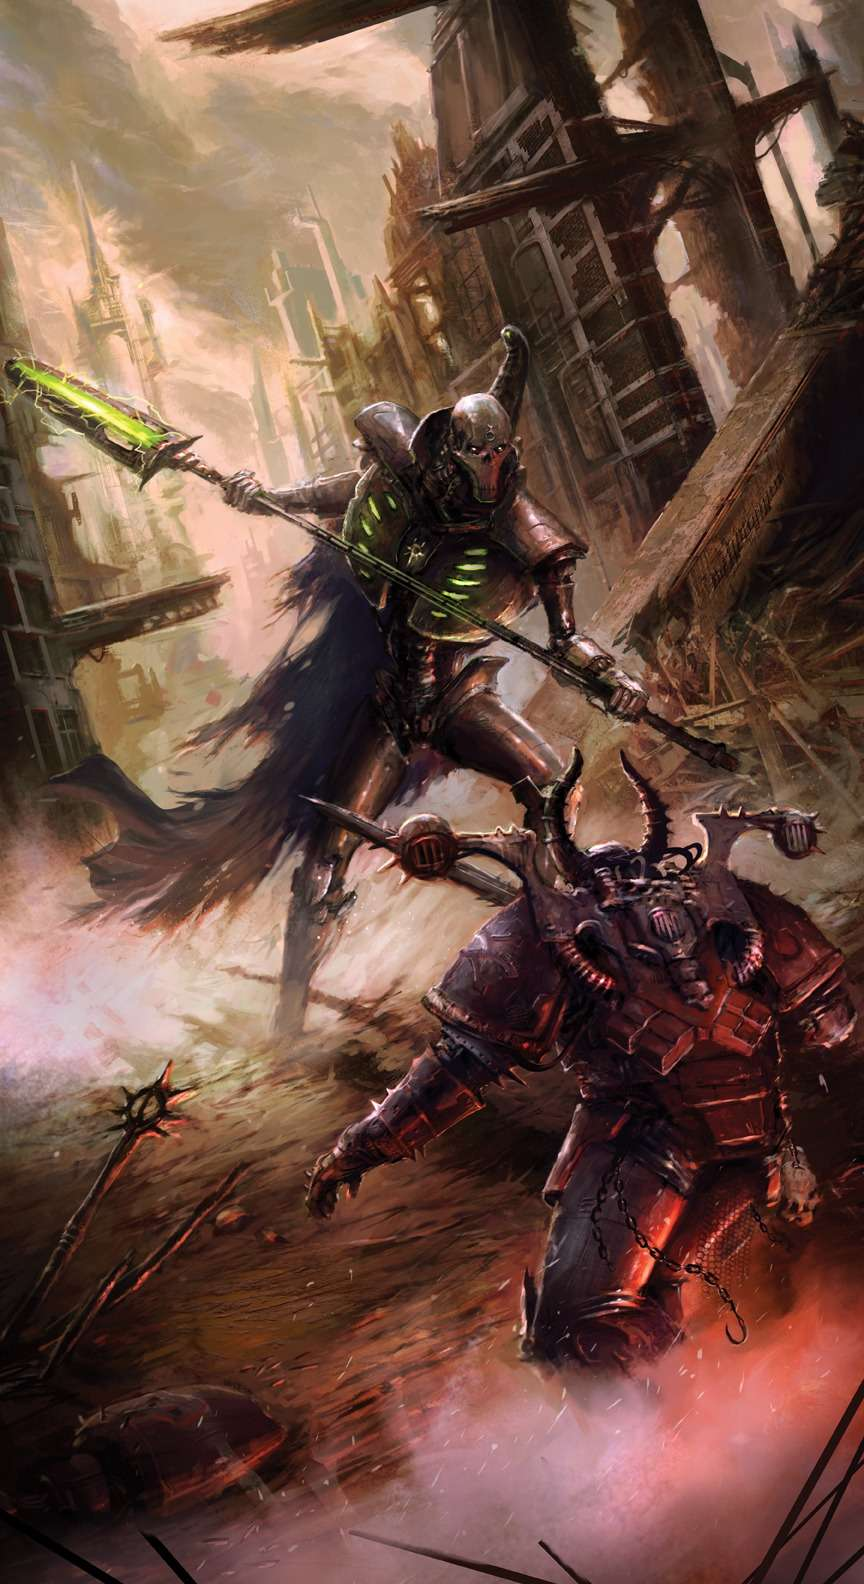 [W40K] Collection d'images : Warhammer 40K divers et inclassables - Page 3 Necron10